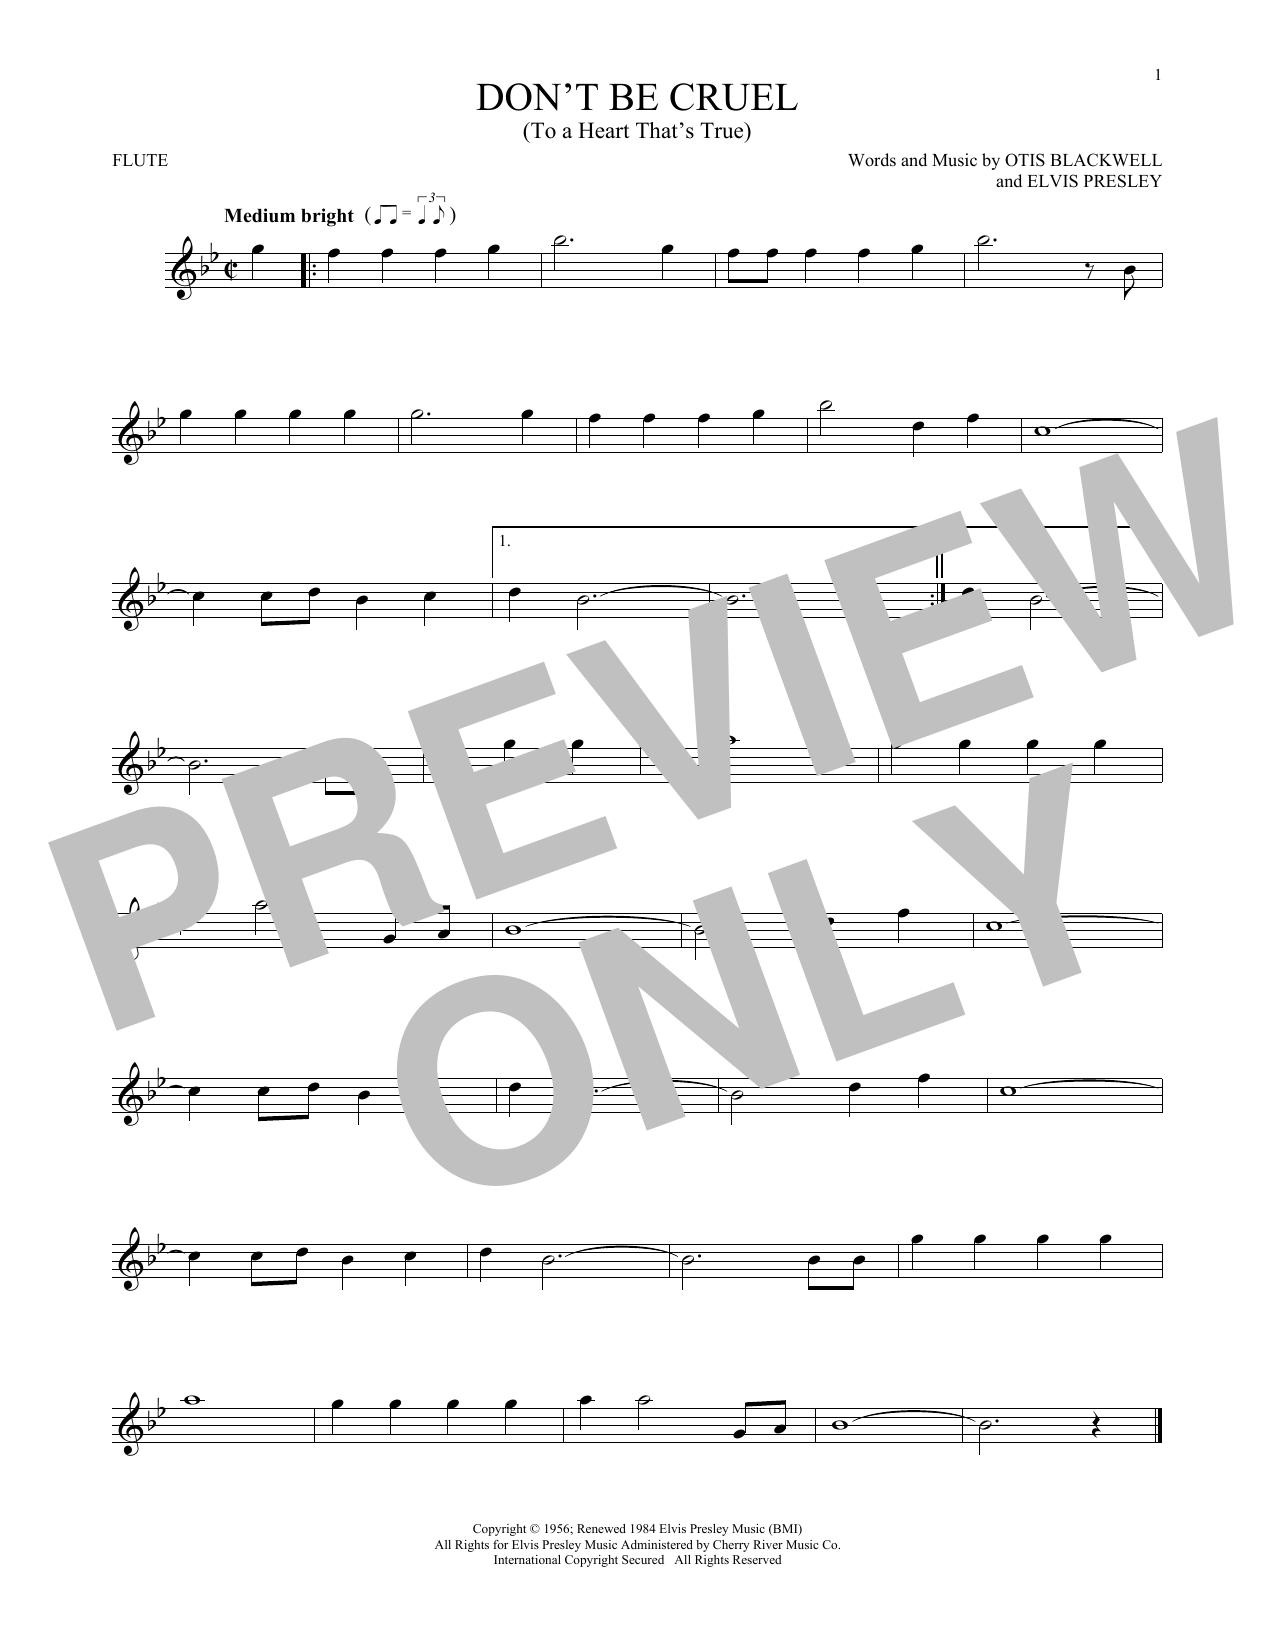 Partition flûte Don't Be Cruel (To A Heart That's True) de Elvis Presley - Flute traversiere